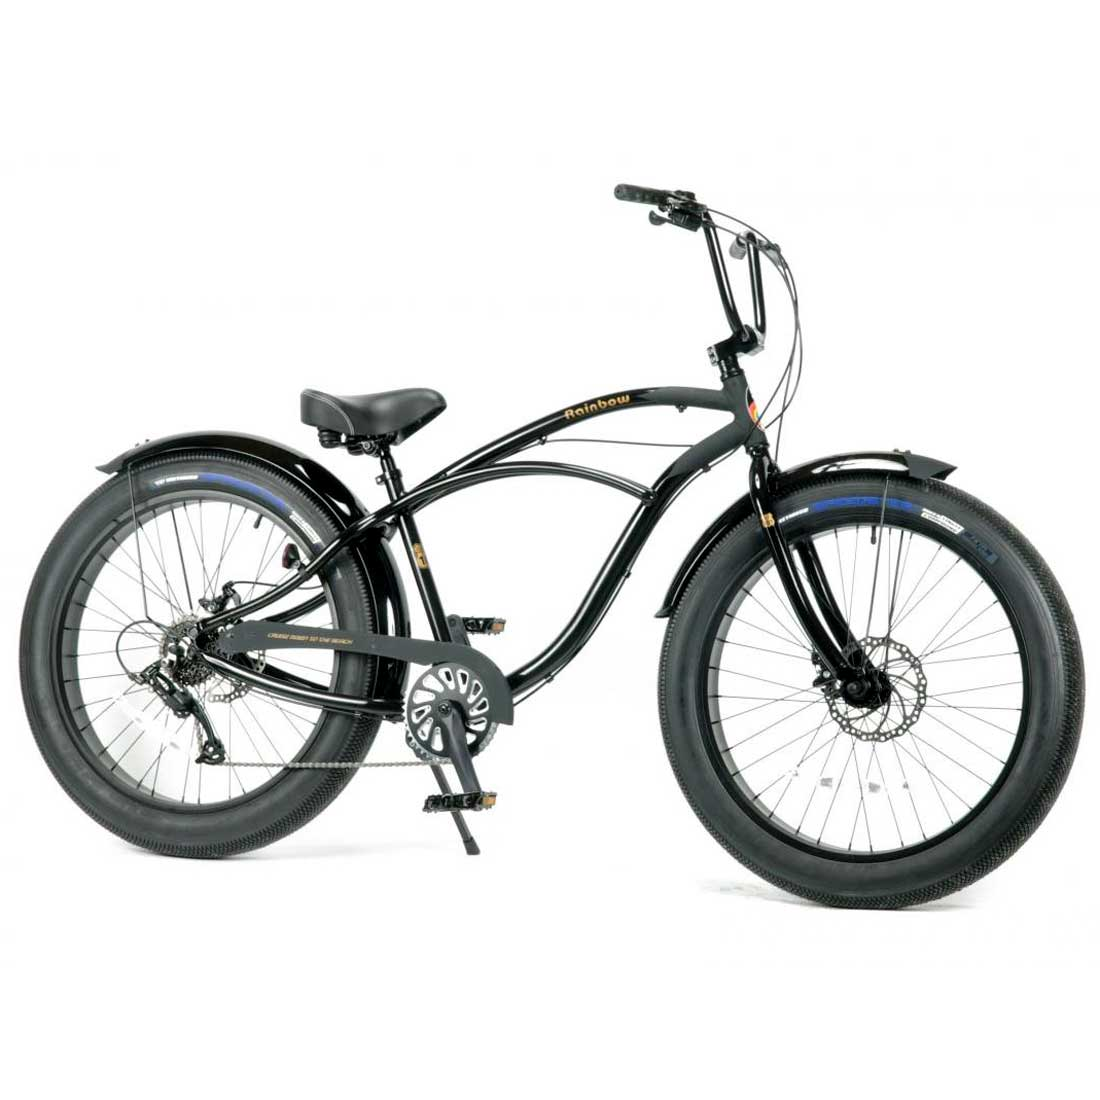 レインボー ビーチクルーザー ファットバイク 26インチ 8段変速付 おしゃれ 自転車 通勤 通学 メンズ レディース GREASE-4.0 スペードブラック